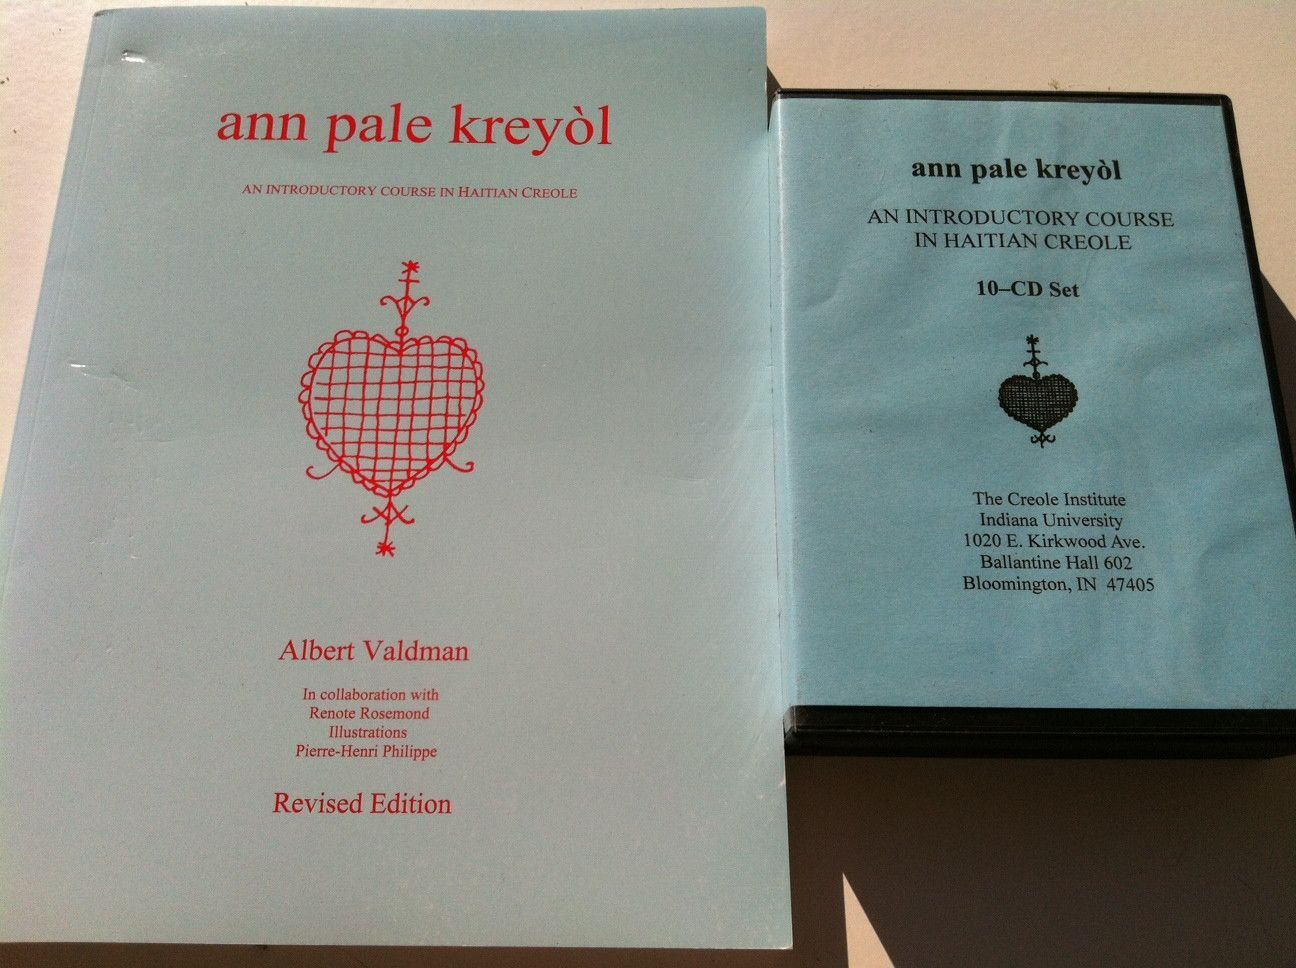 Ann Pale Kreyol